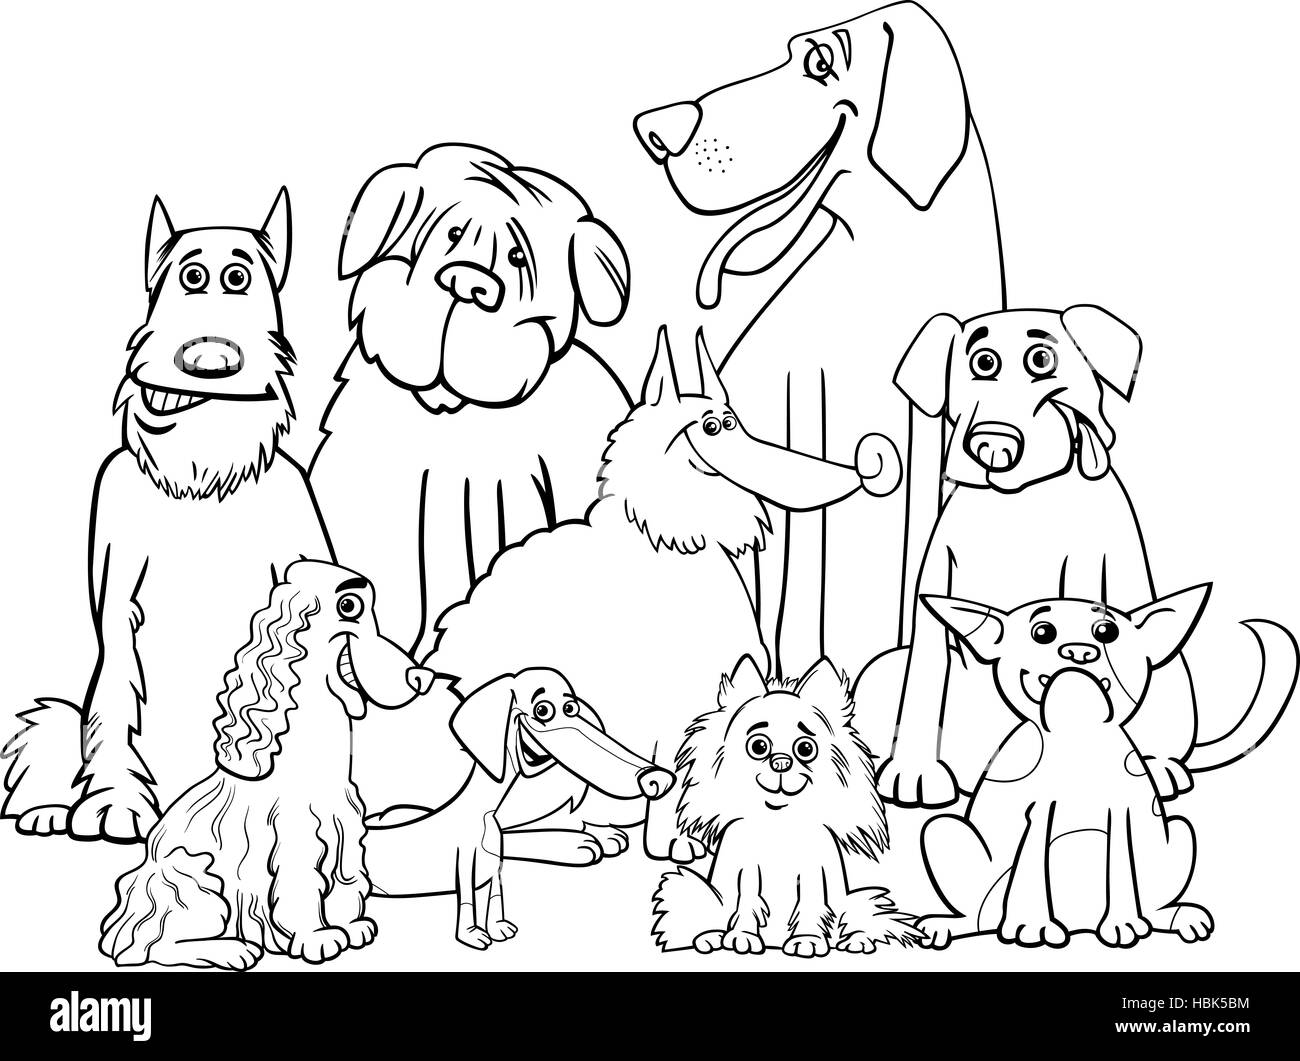 Vistoso Colorear Páginas De Perros Regalo - Enmarcado Para Colorear ...